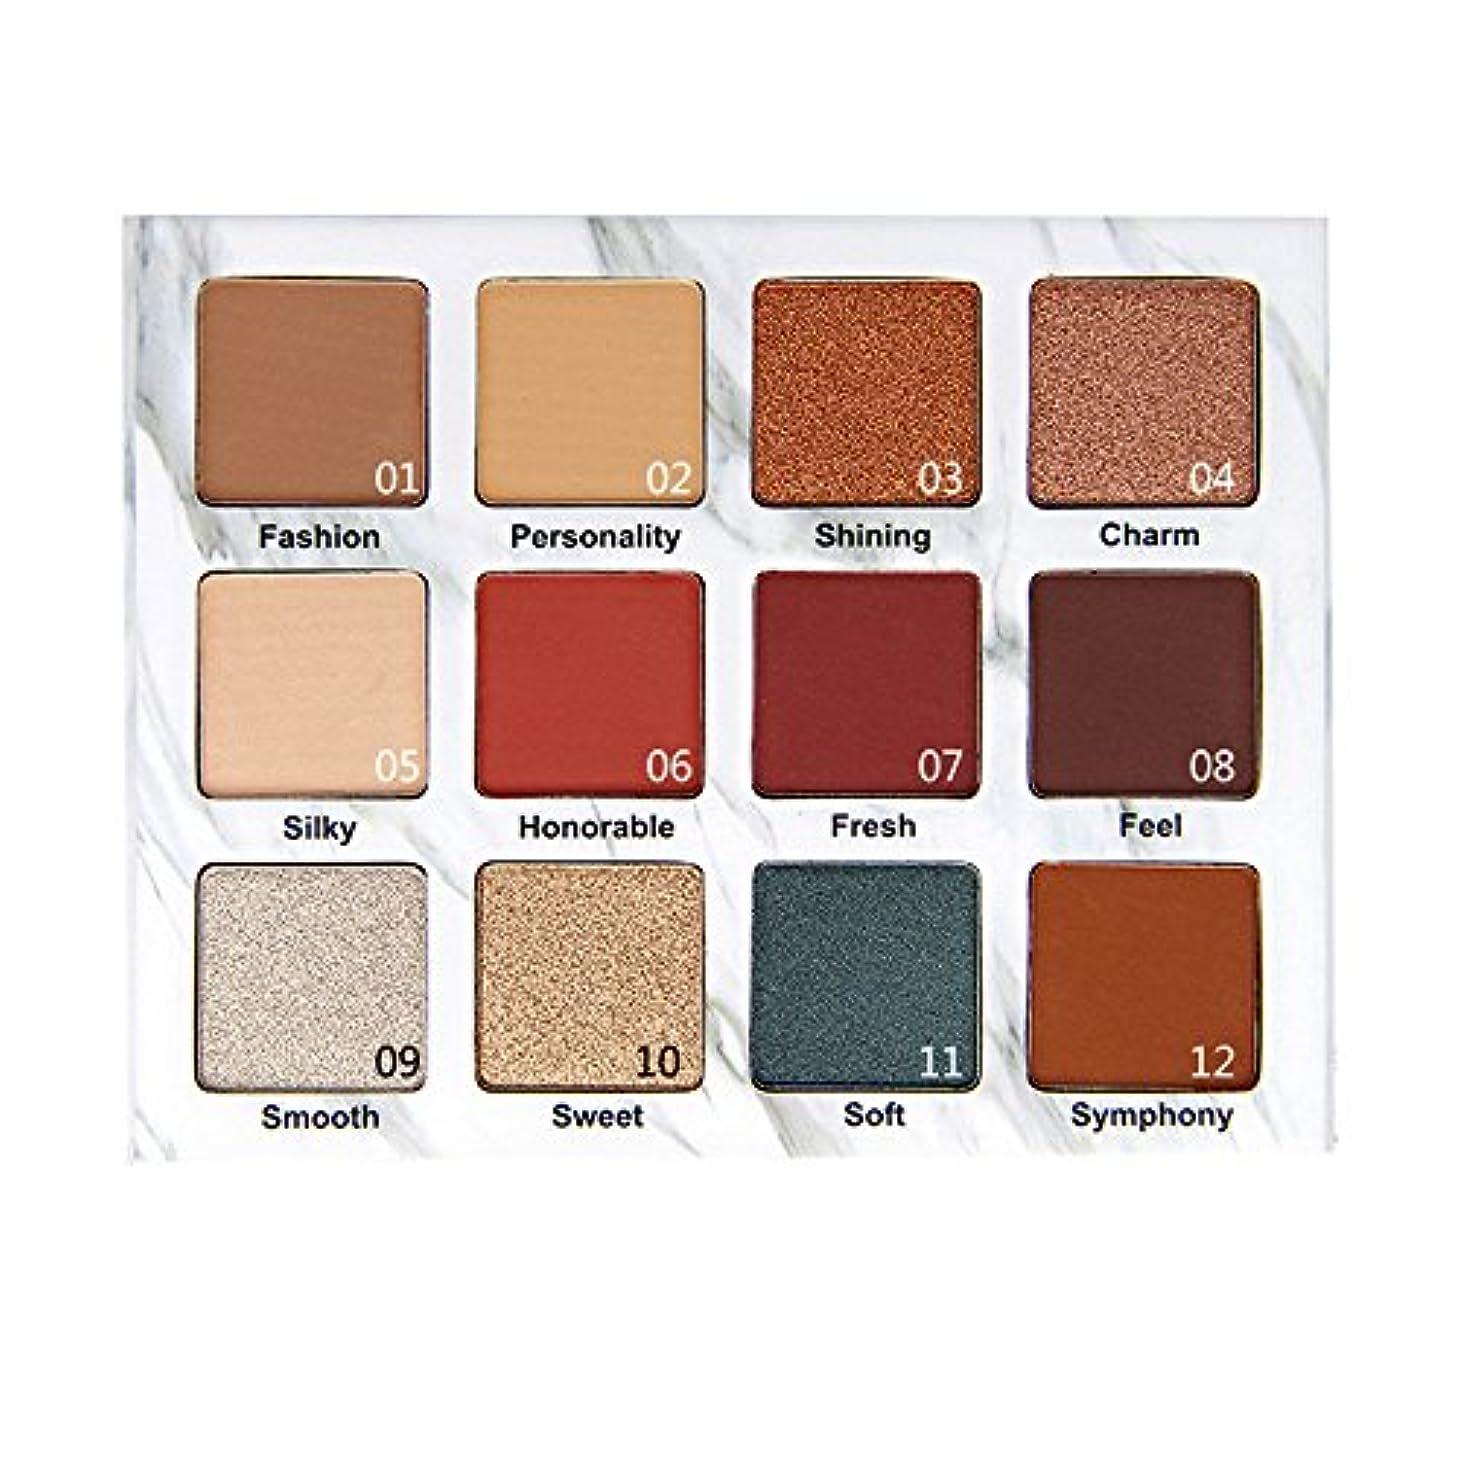 ファッション12色化粧品マットアイシャドウクリームアイシャドウ化粧パレットセット